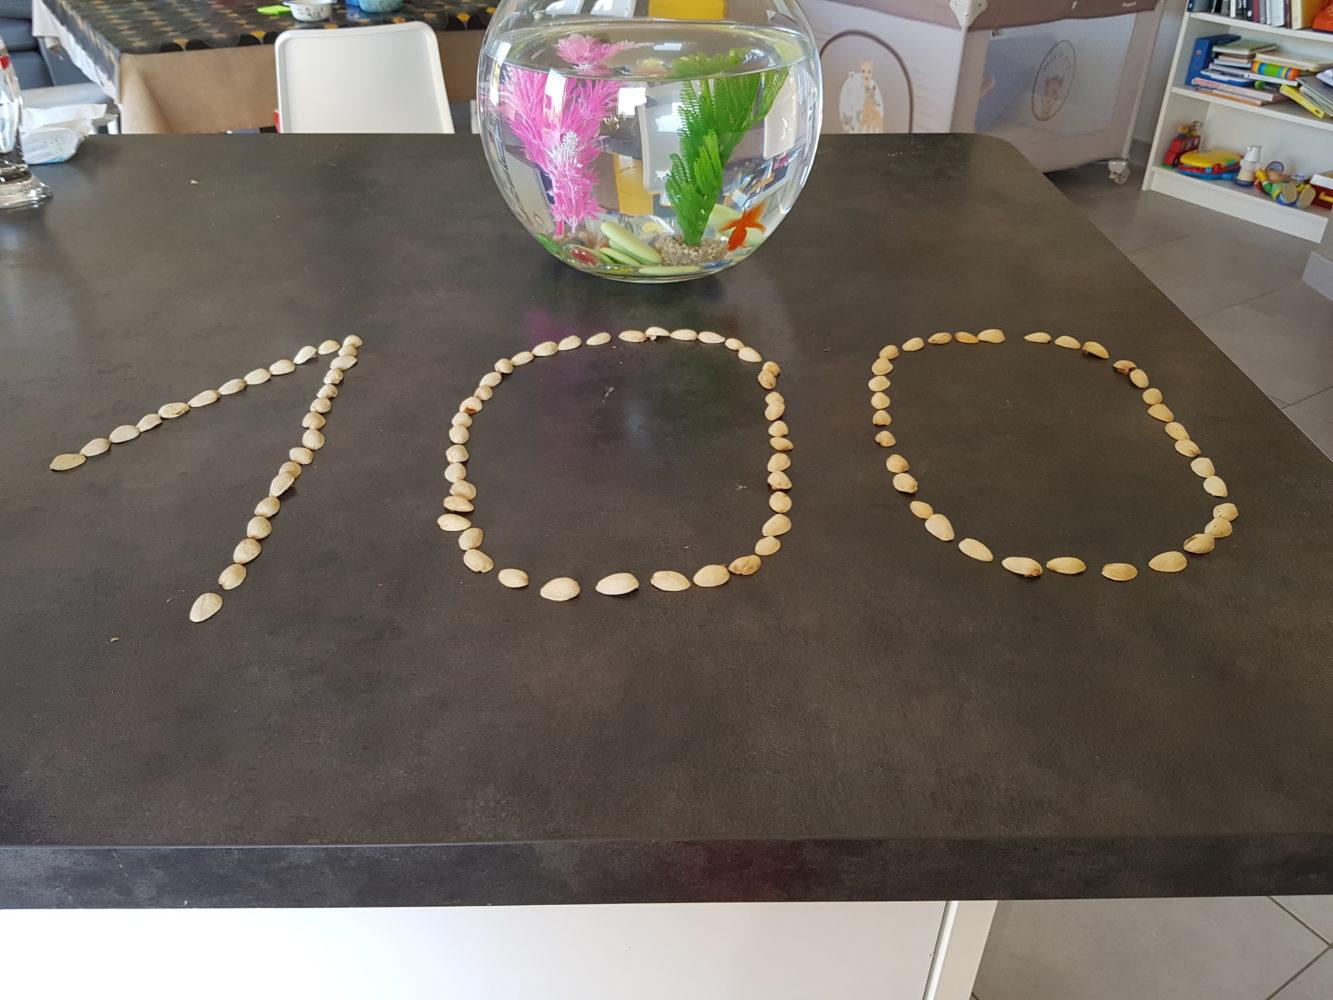 le 100ème jour de classe